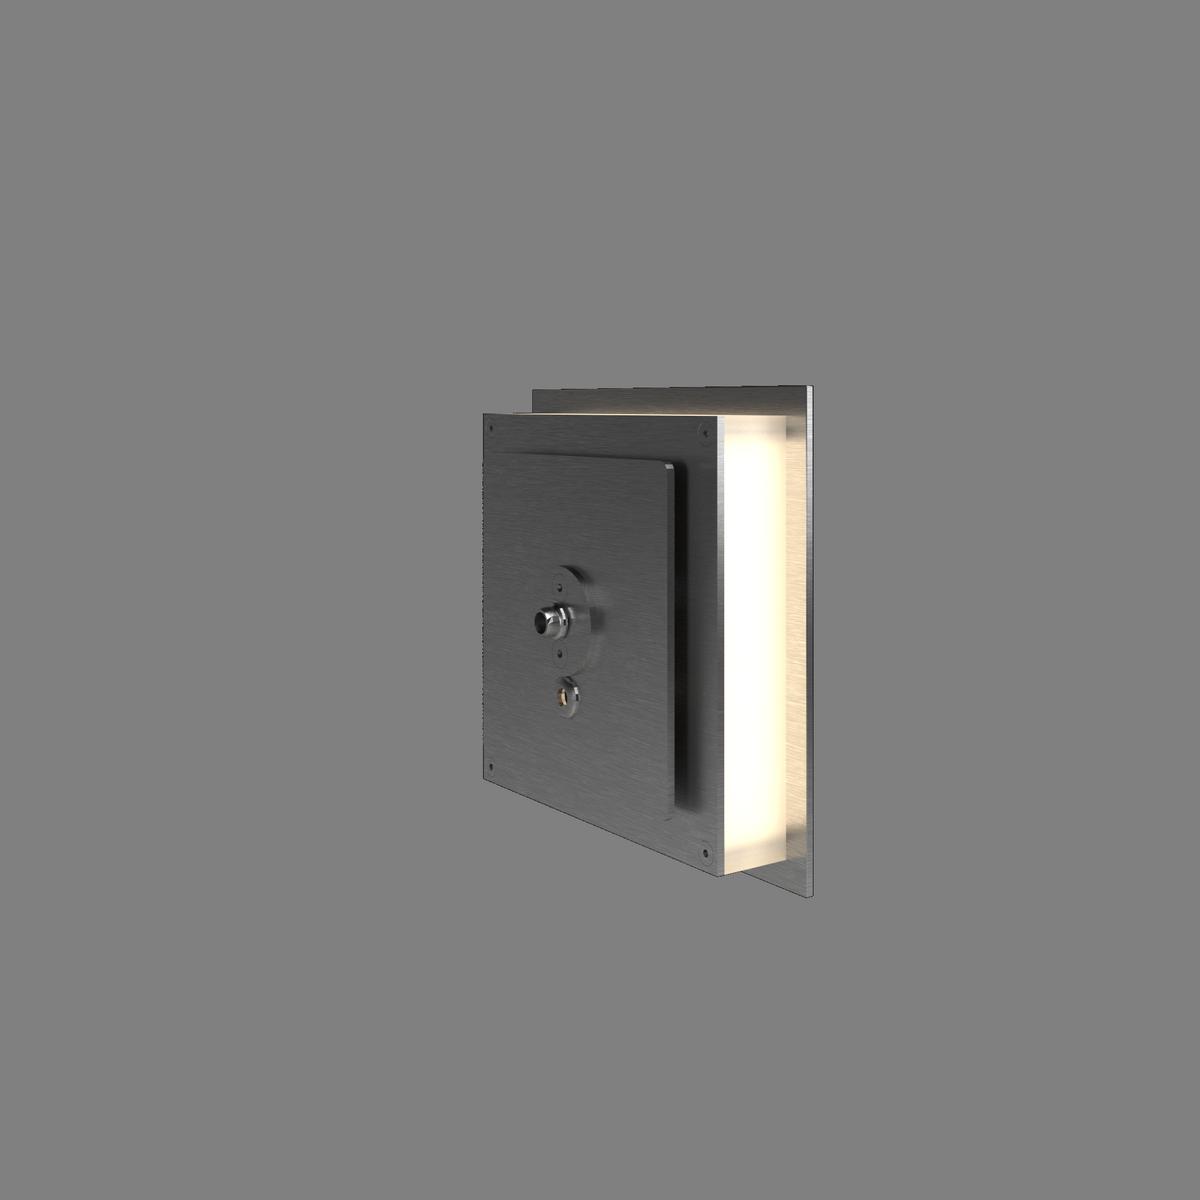 Светильники встраиваемые в грунт TRIF TERRANO Q